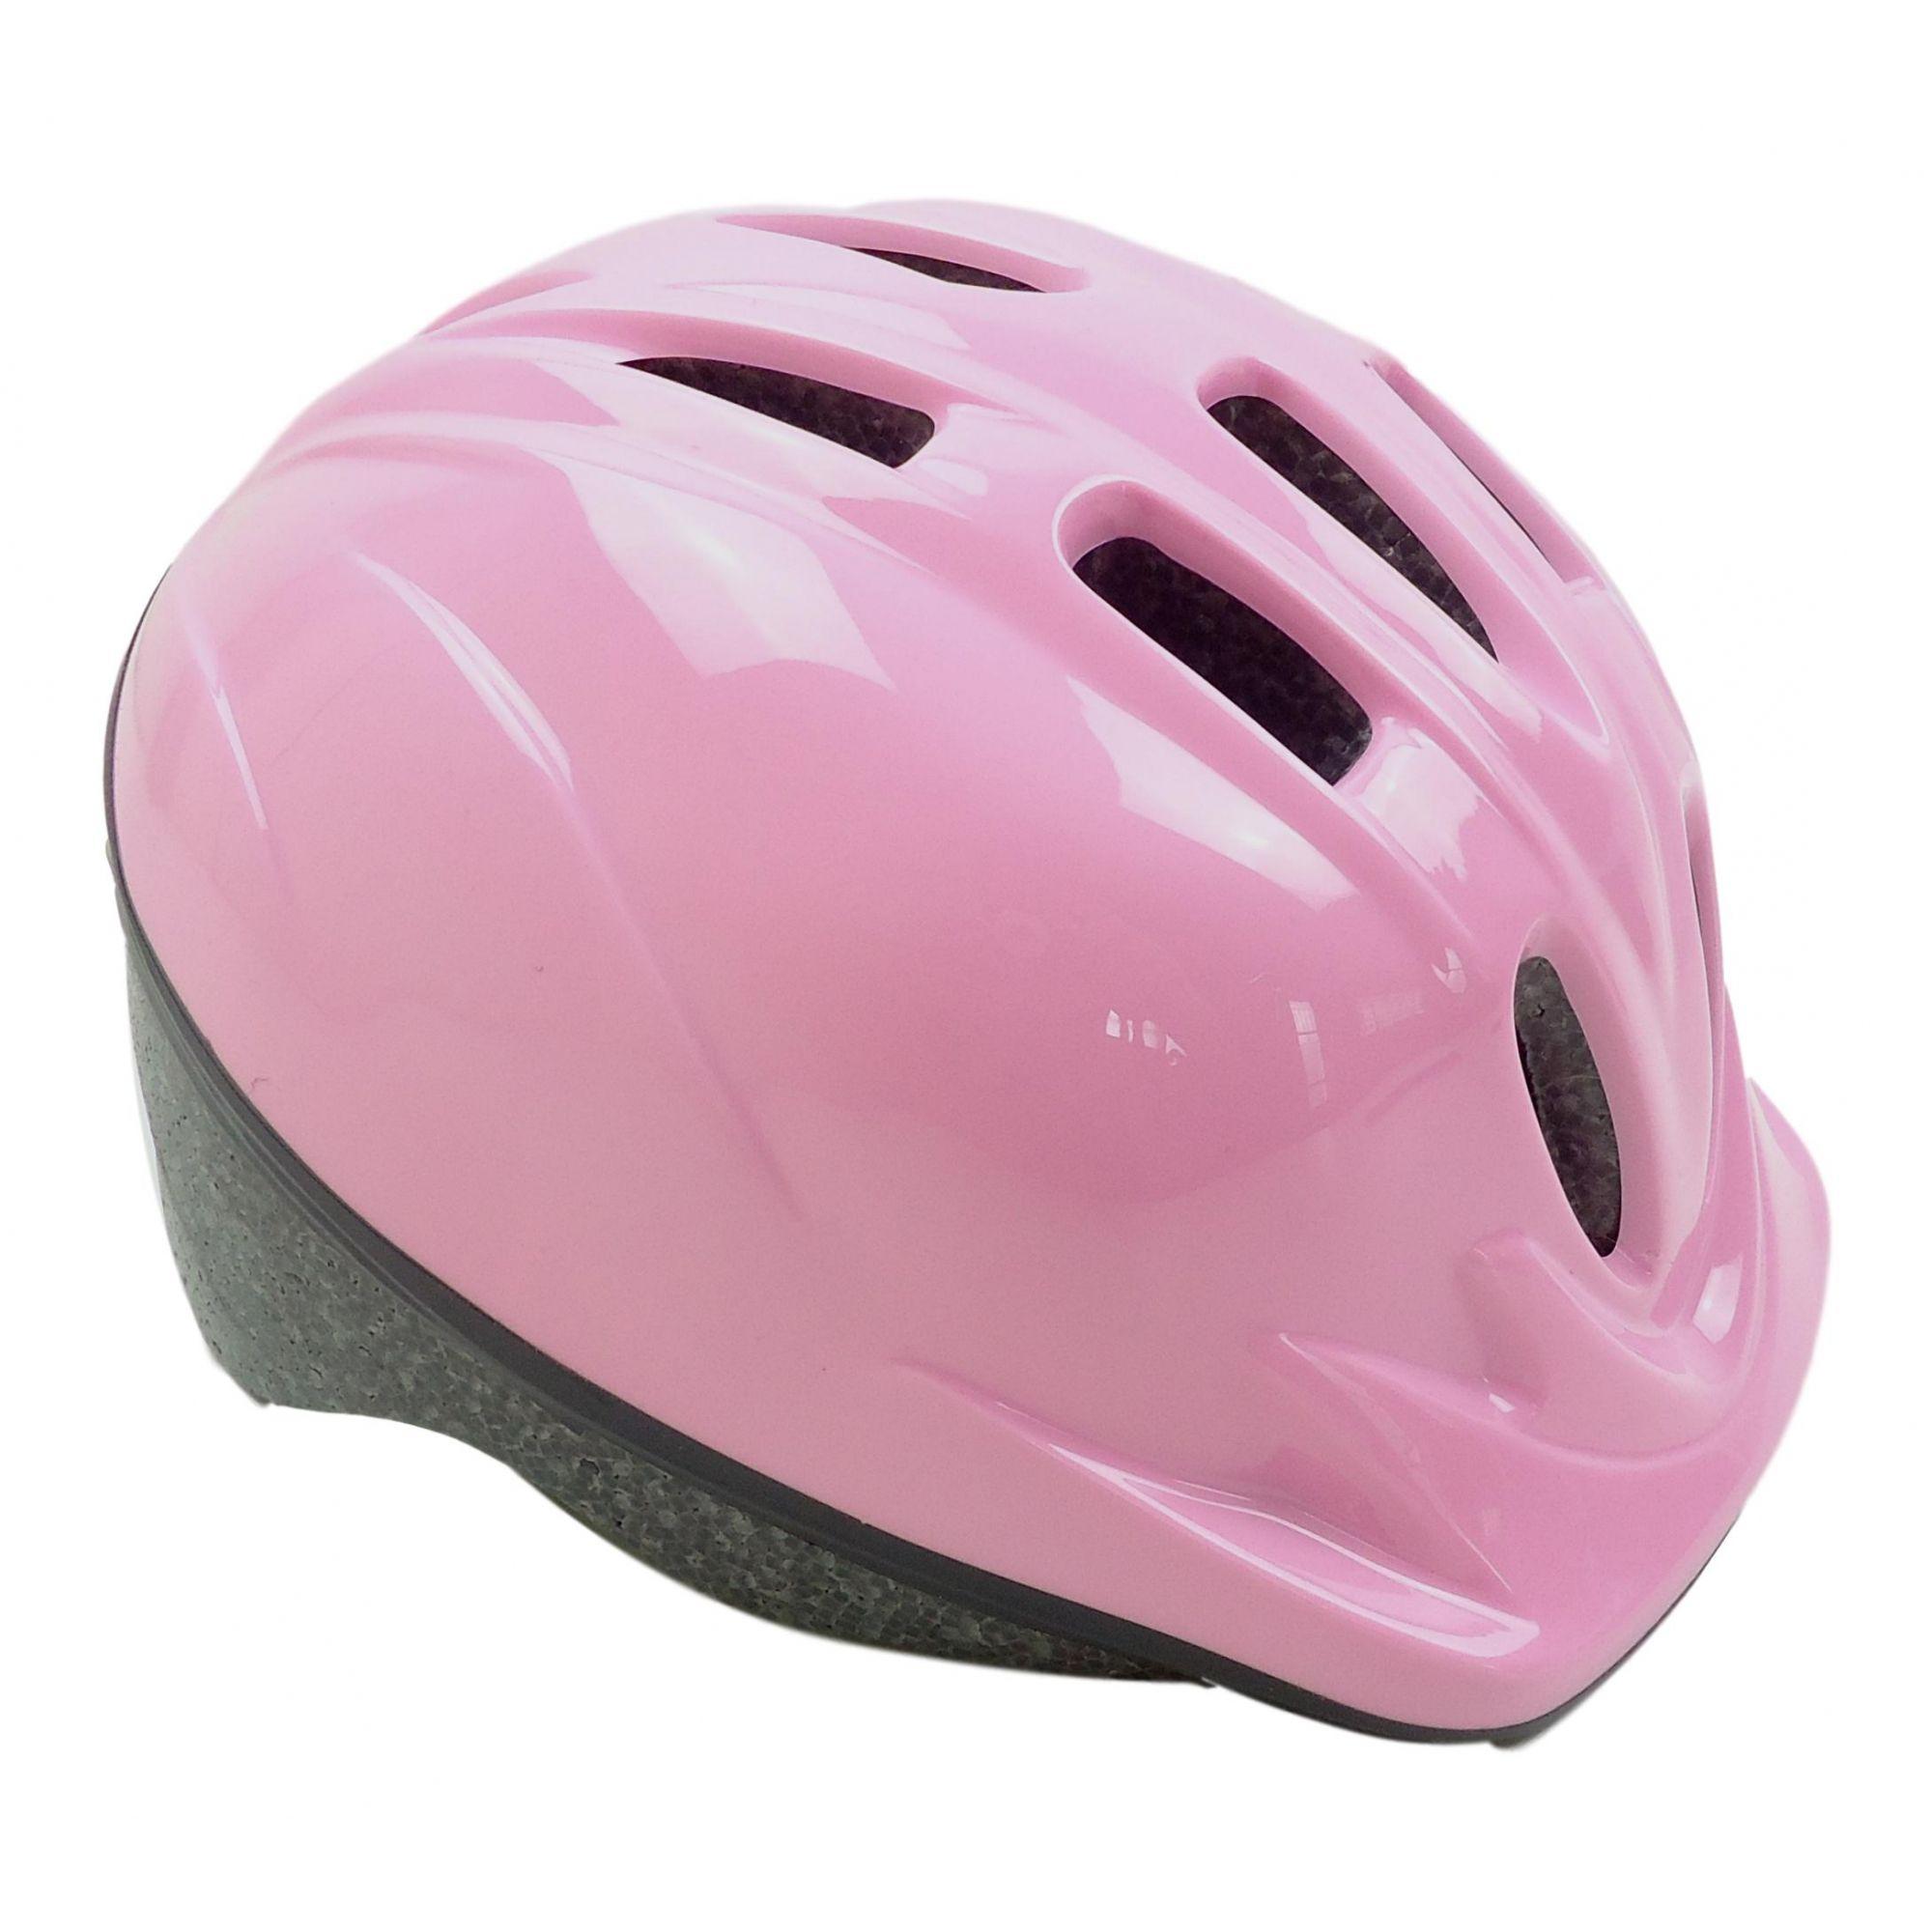 Capacete Bicicleta Infantil Kidzamo Cor Rosa Para Meninas 4 à 8 anos 48-52cm